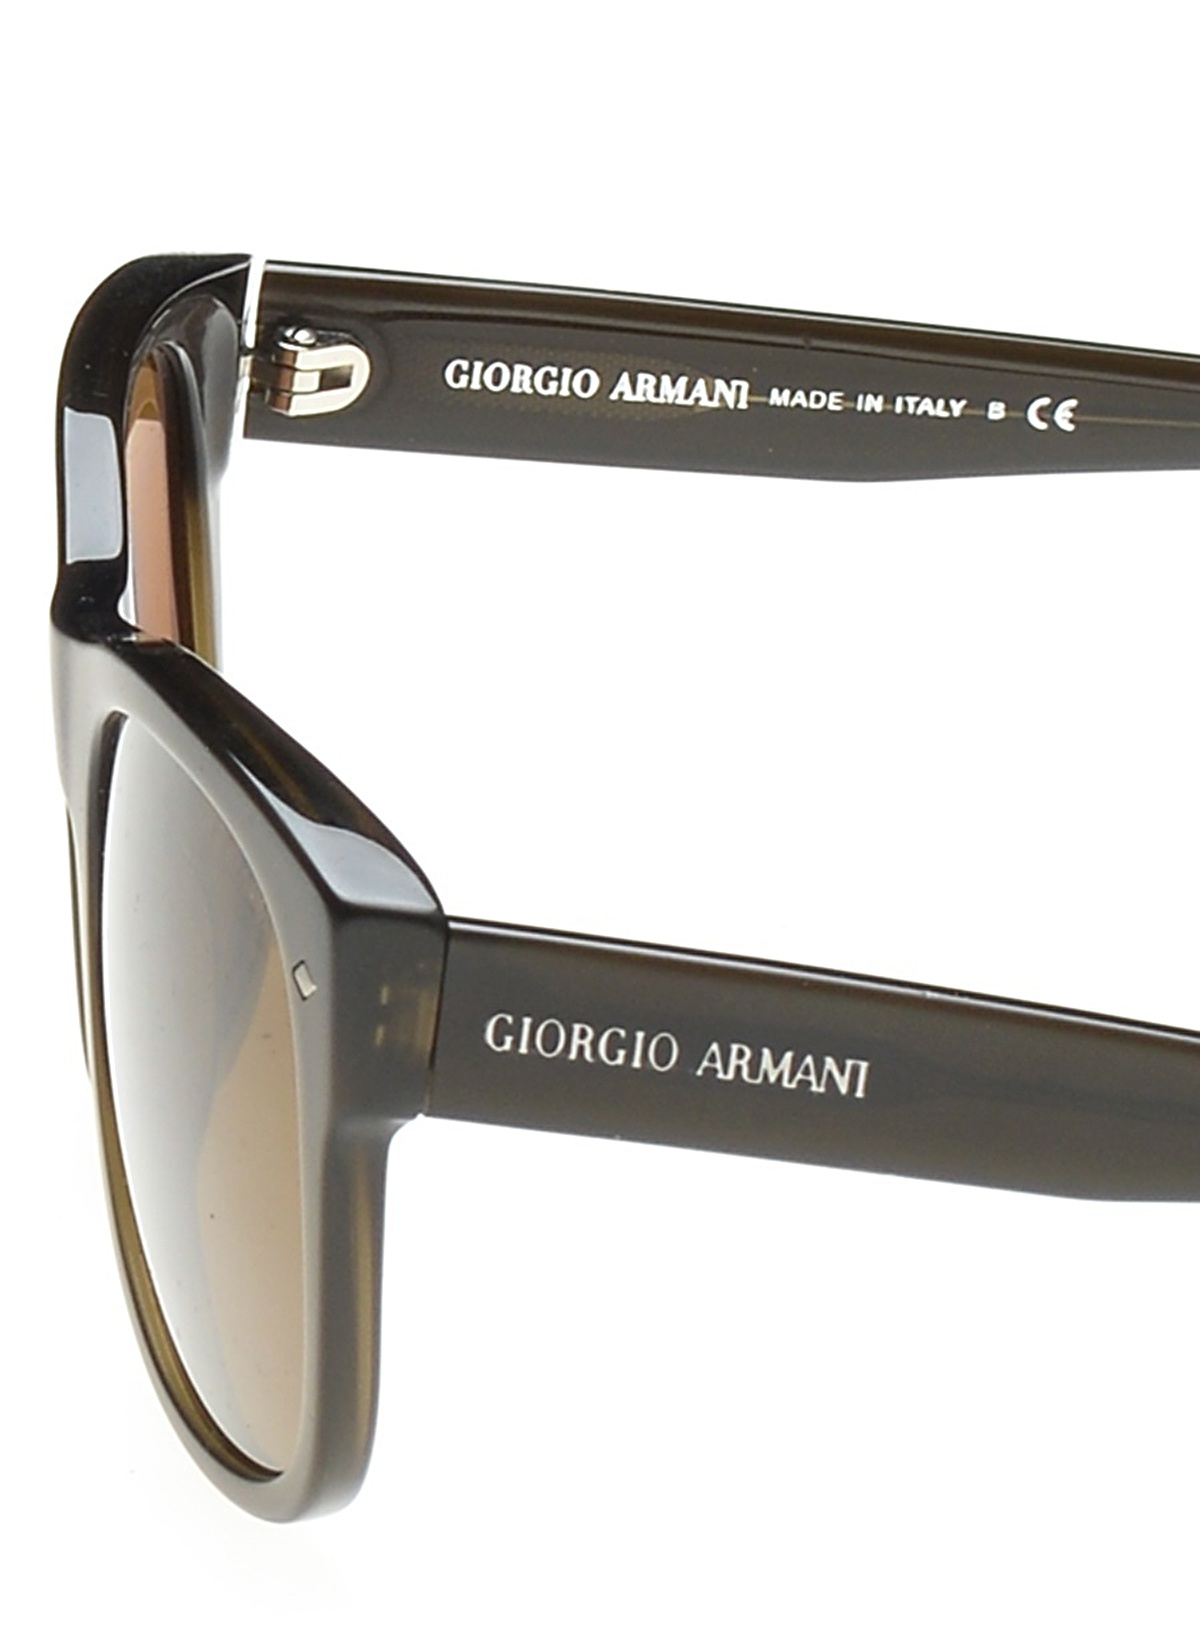 Giorgio Armani: biyografi, fotoğraflar ve markanın tarihi